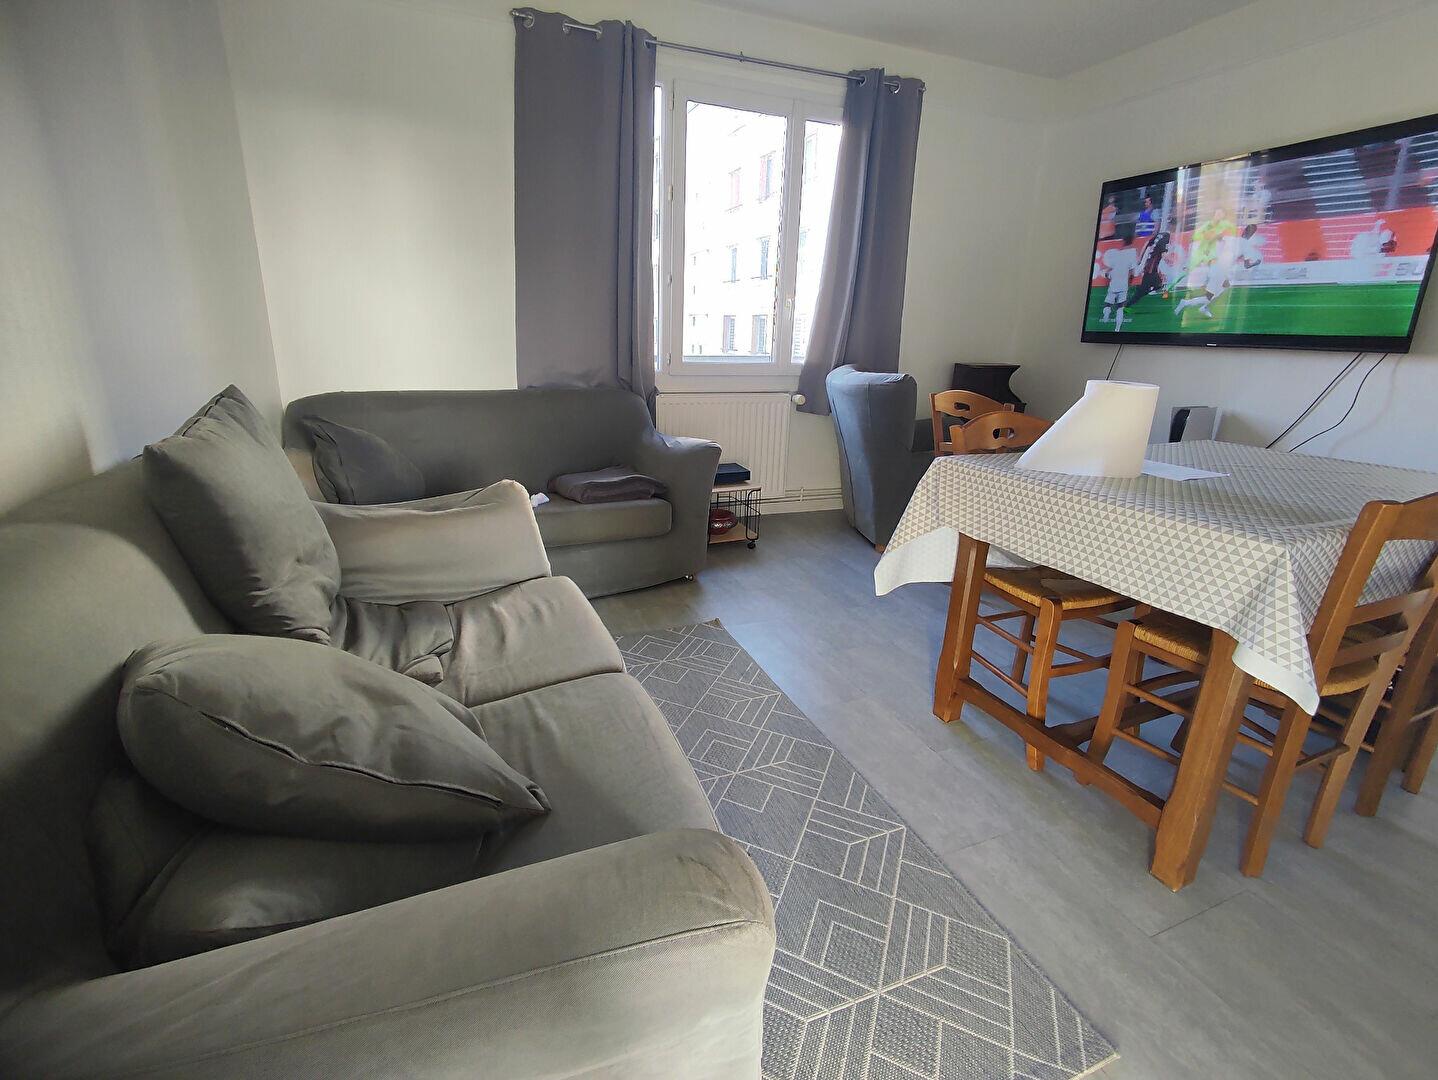 Appartement à louer 4 65m2 à Sainte-Geneviève-des-Bois vignette-1